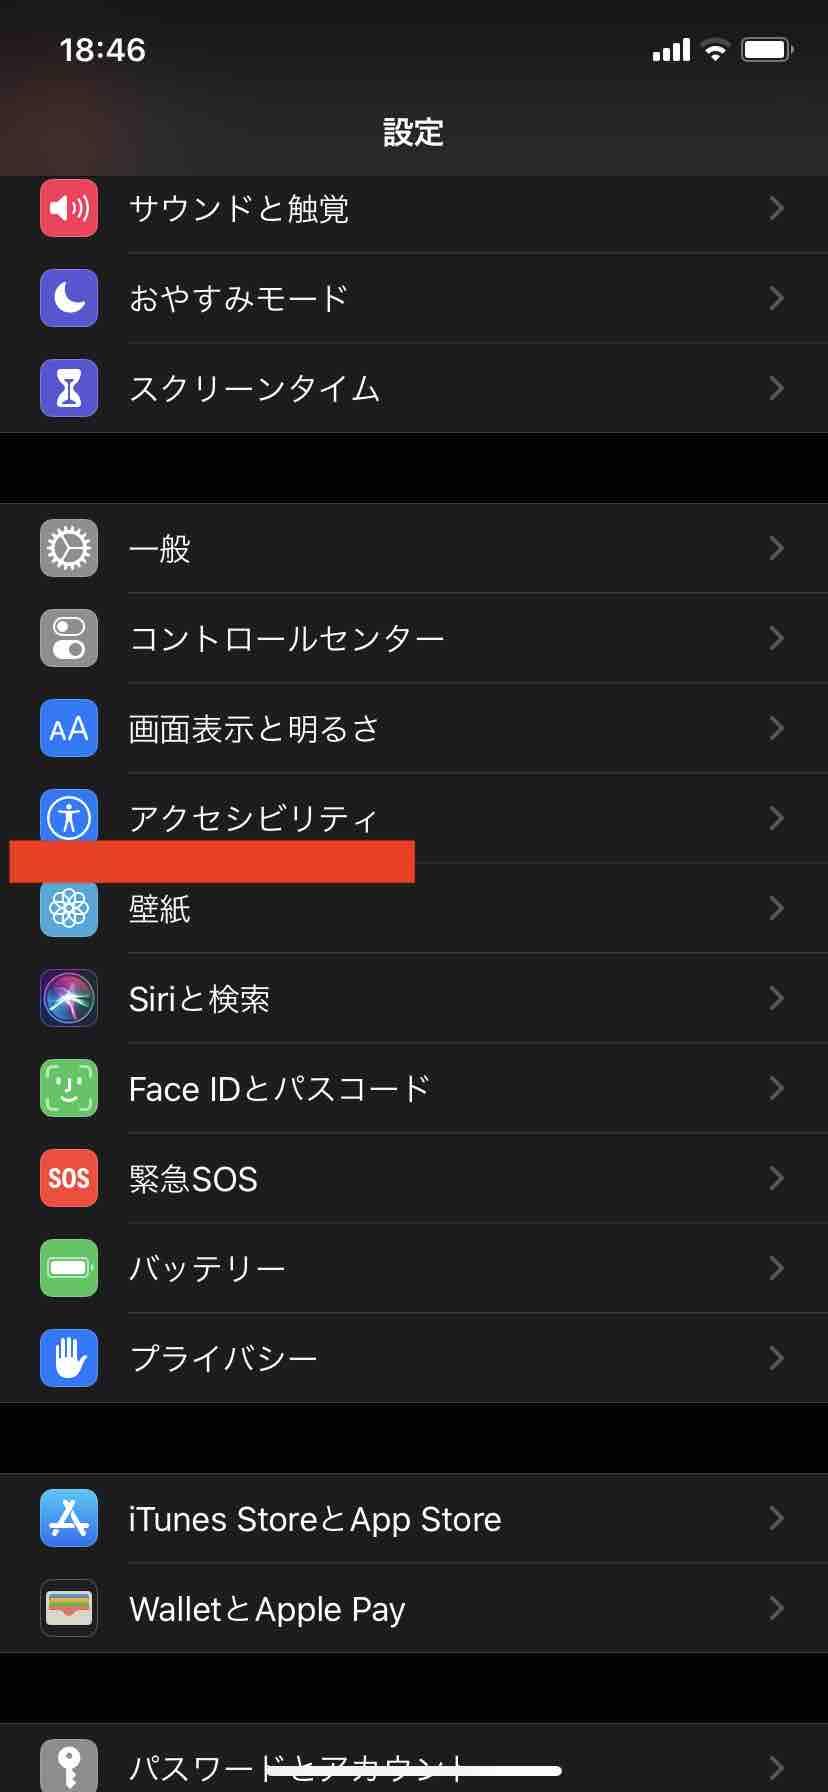 iPhoneの設定「アクセシビリティ」の場所